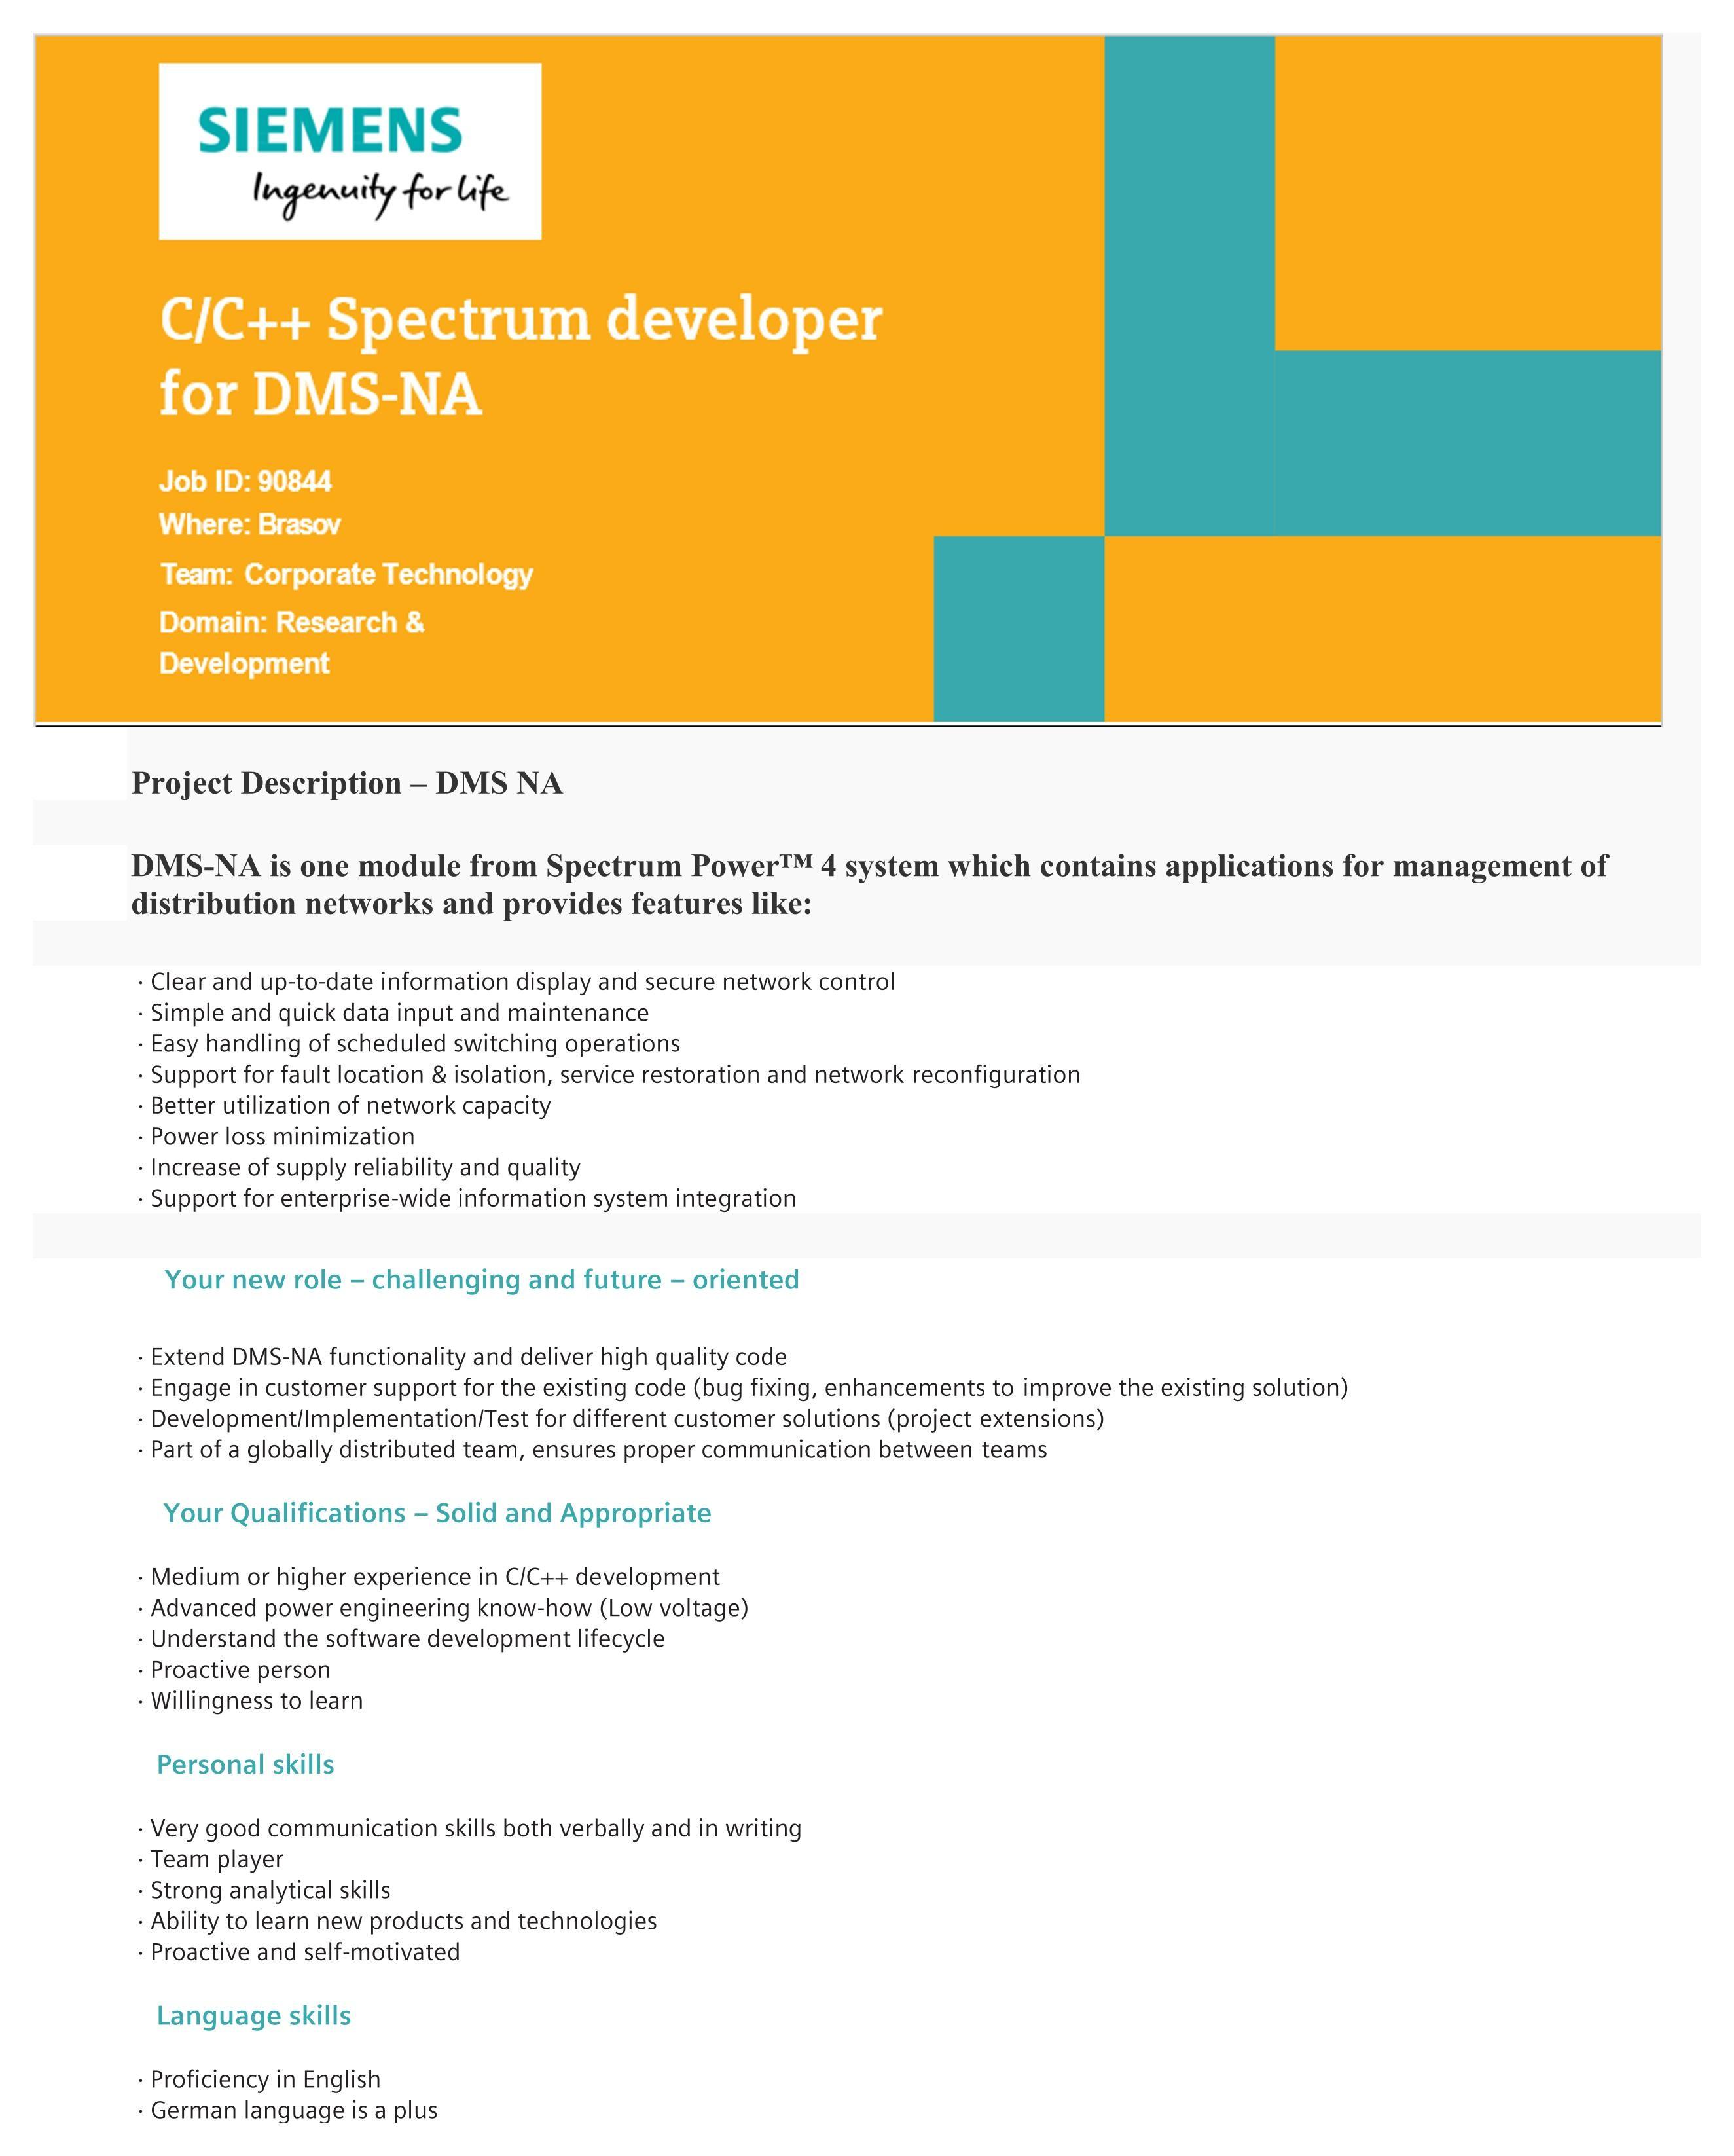 Spectrum developer for DMS-NA